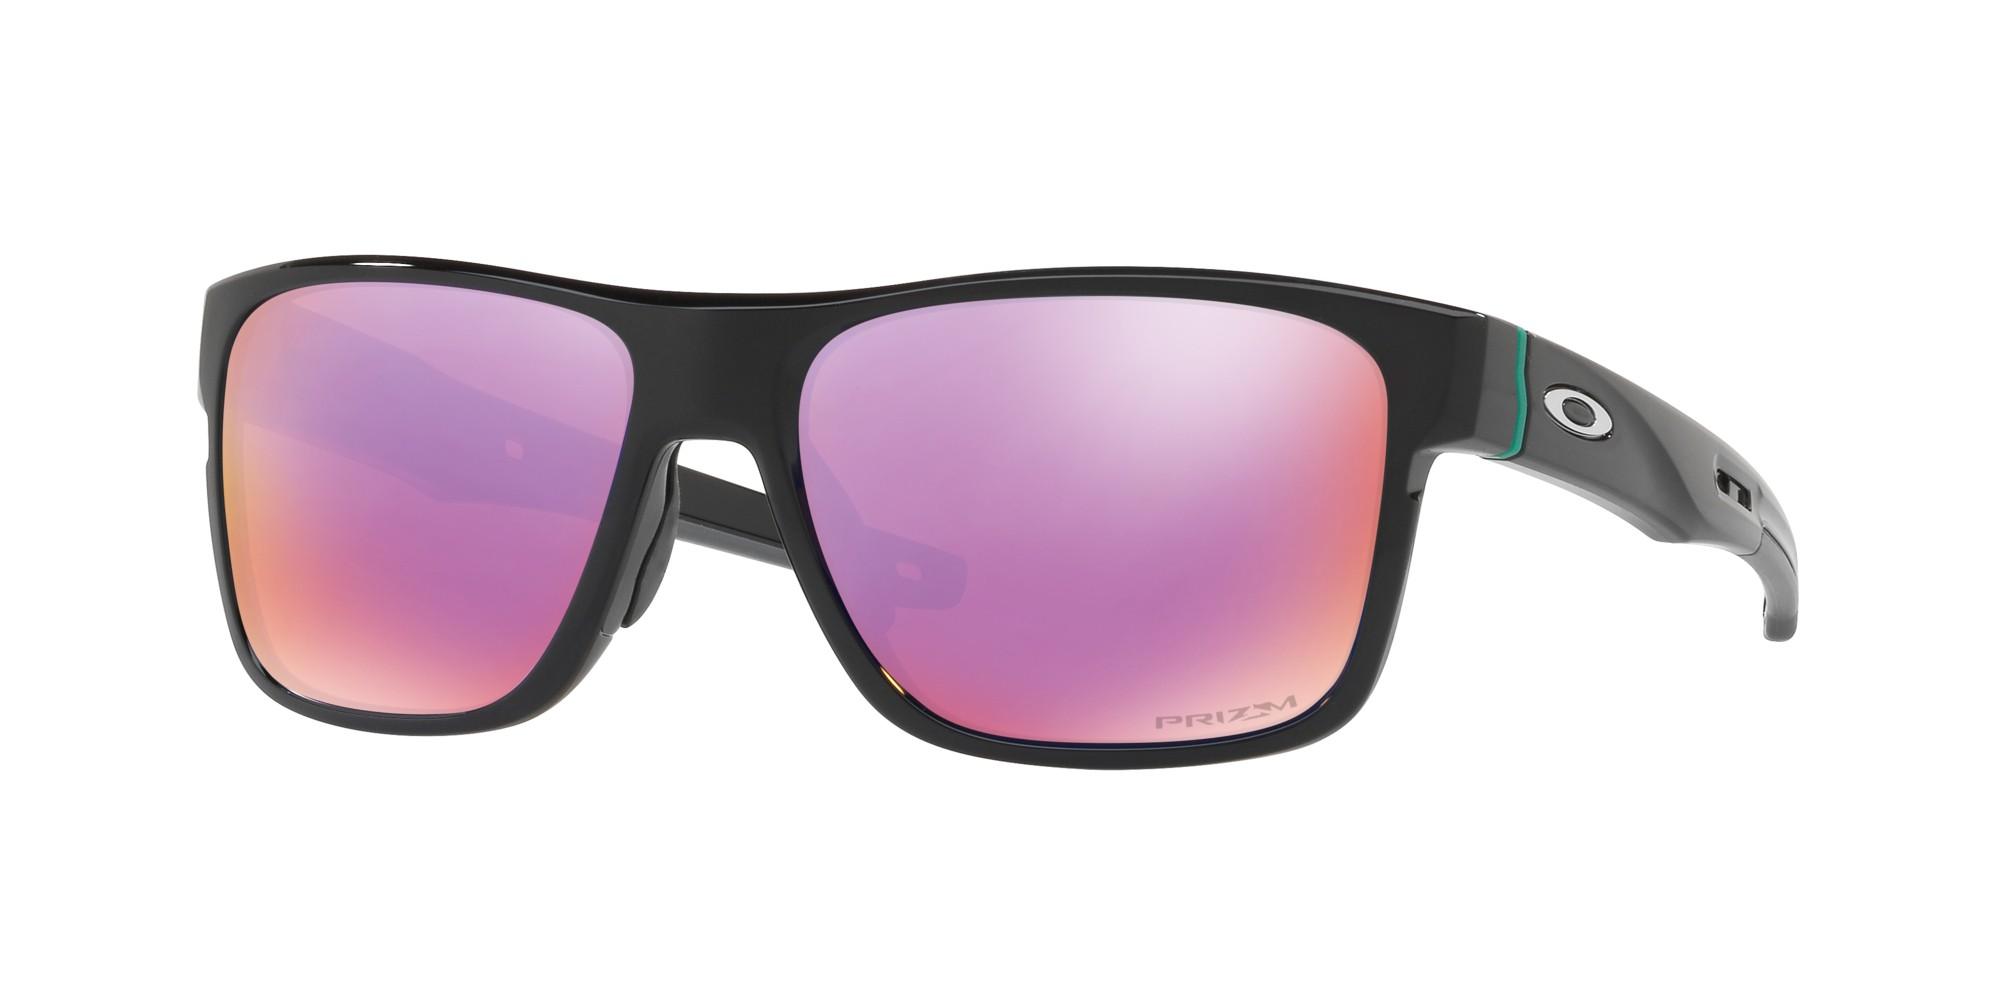 64fff780c9e Authentic Oakley Crossrange Prescription Sunglasses